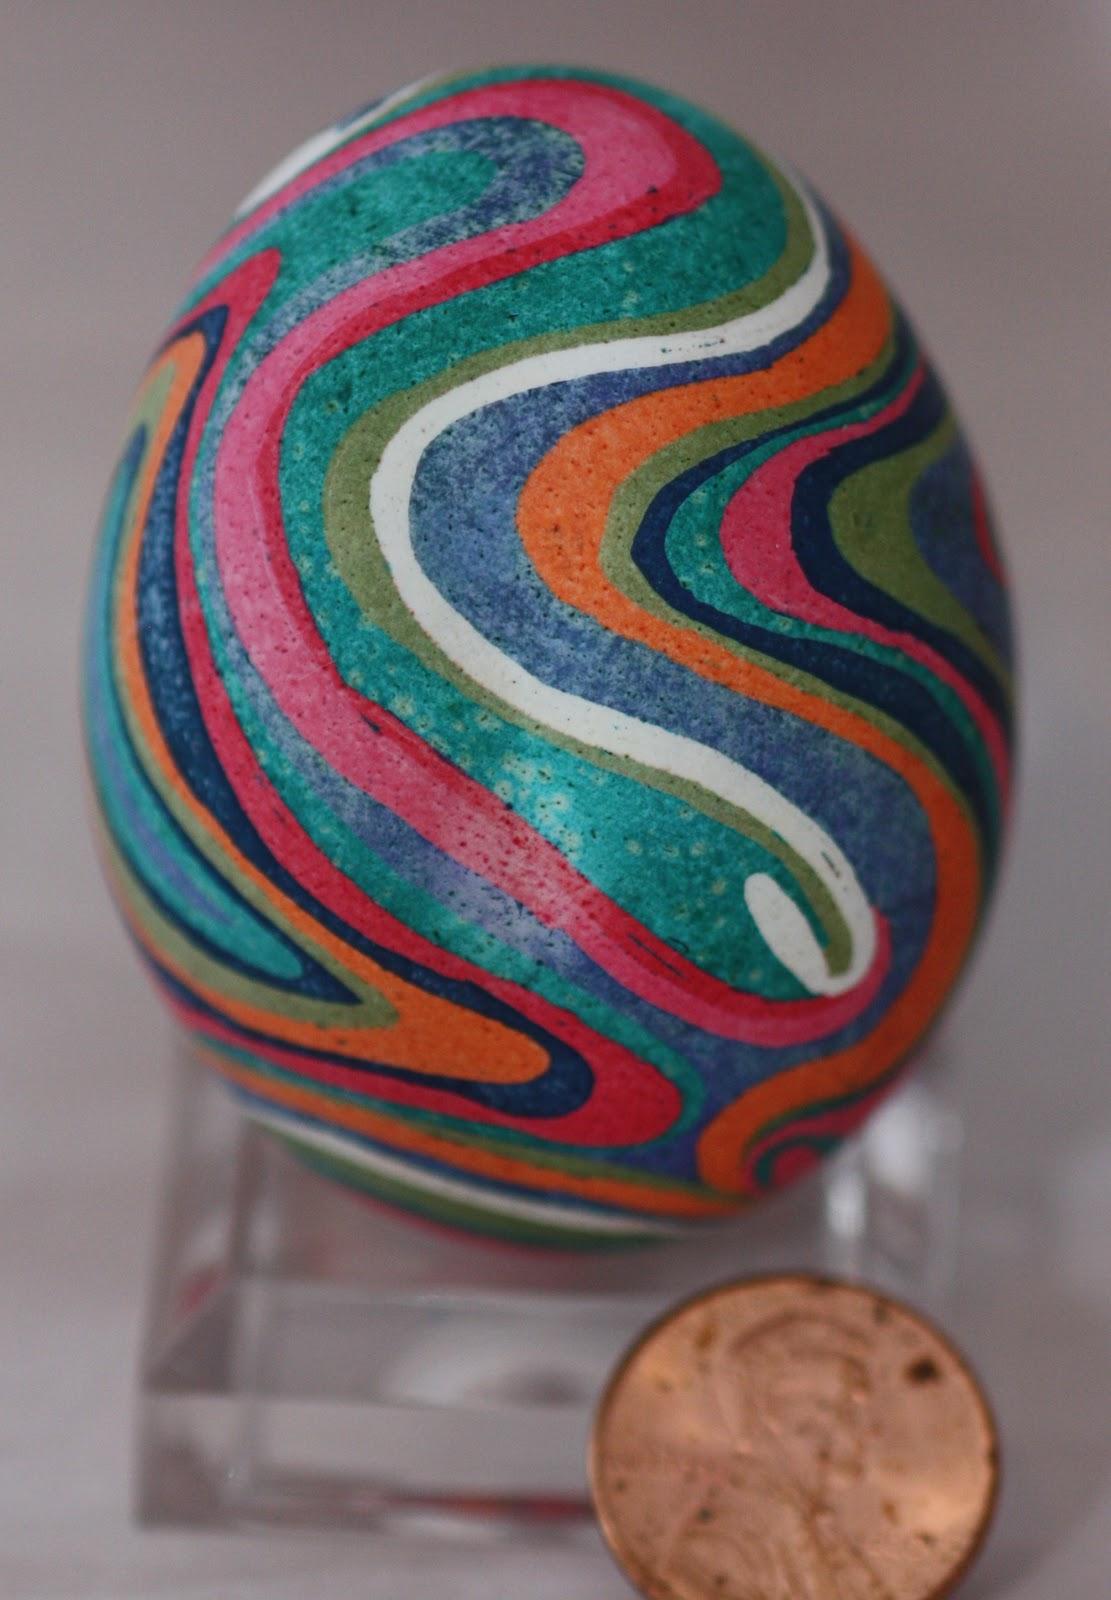 Agate Inspired Pysanky Ukrainian Egg